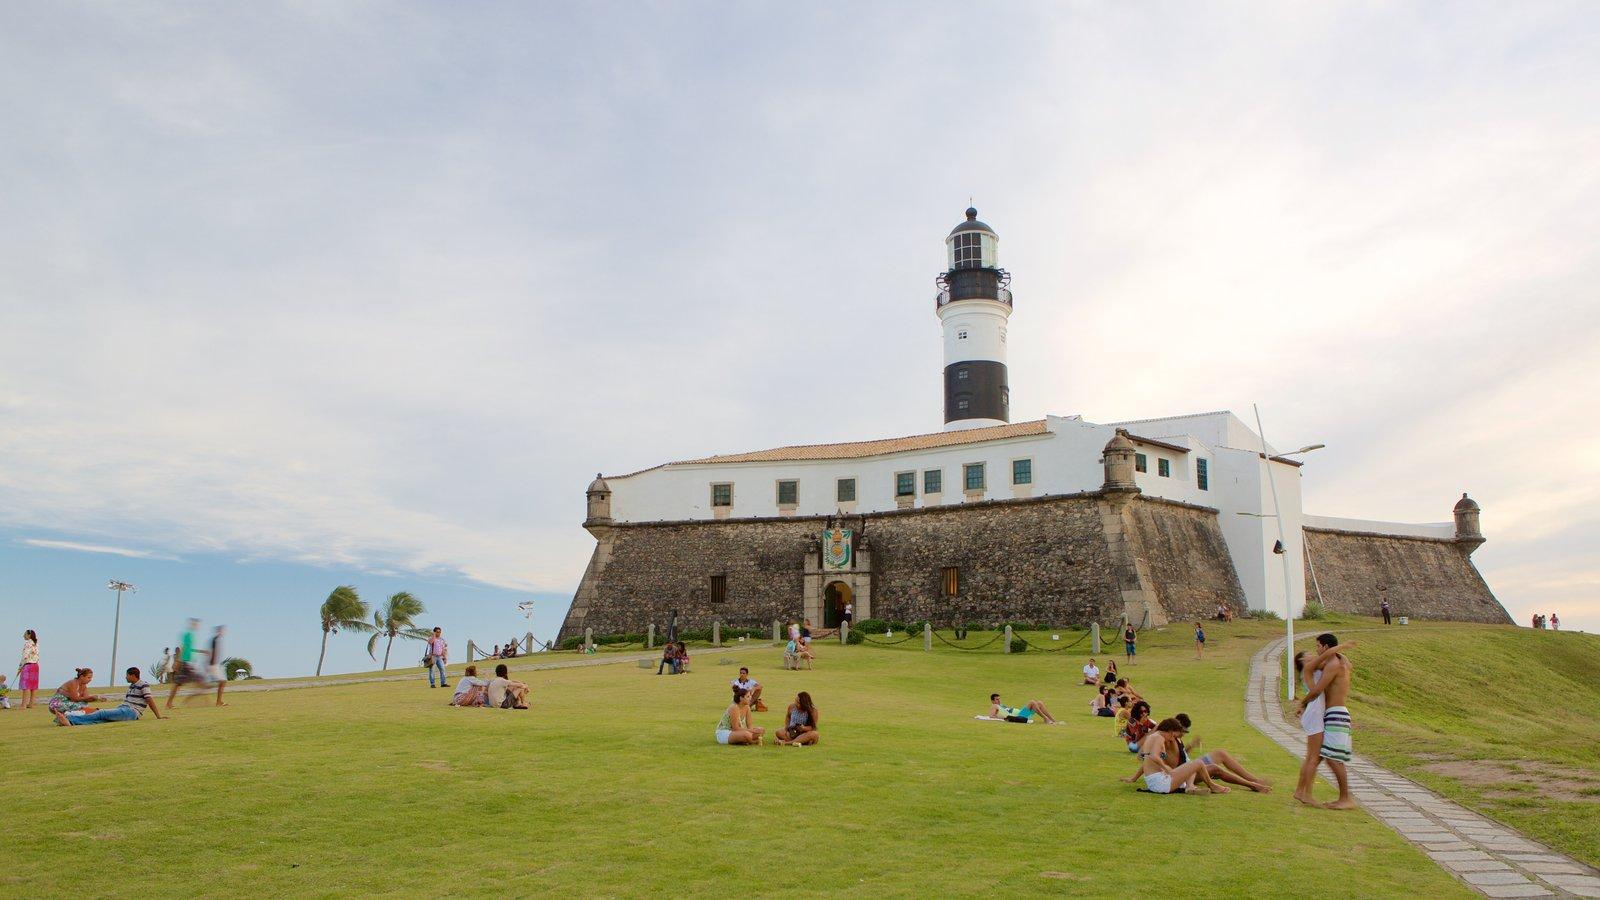 Praia do Farol da Barra mostrando um farol e paisagens litorâneas assim como um grande grupo de pessoas